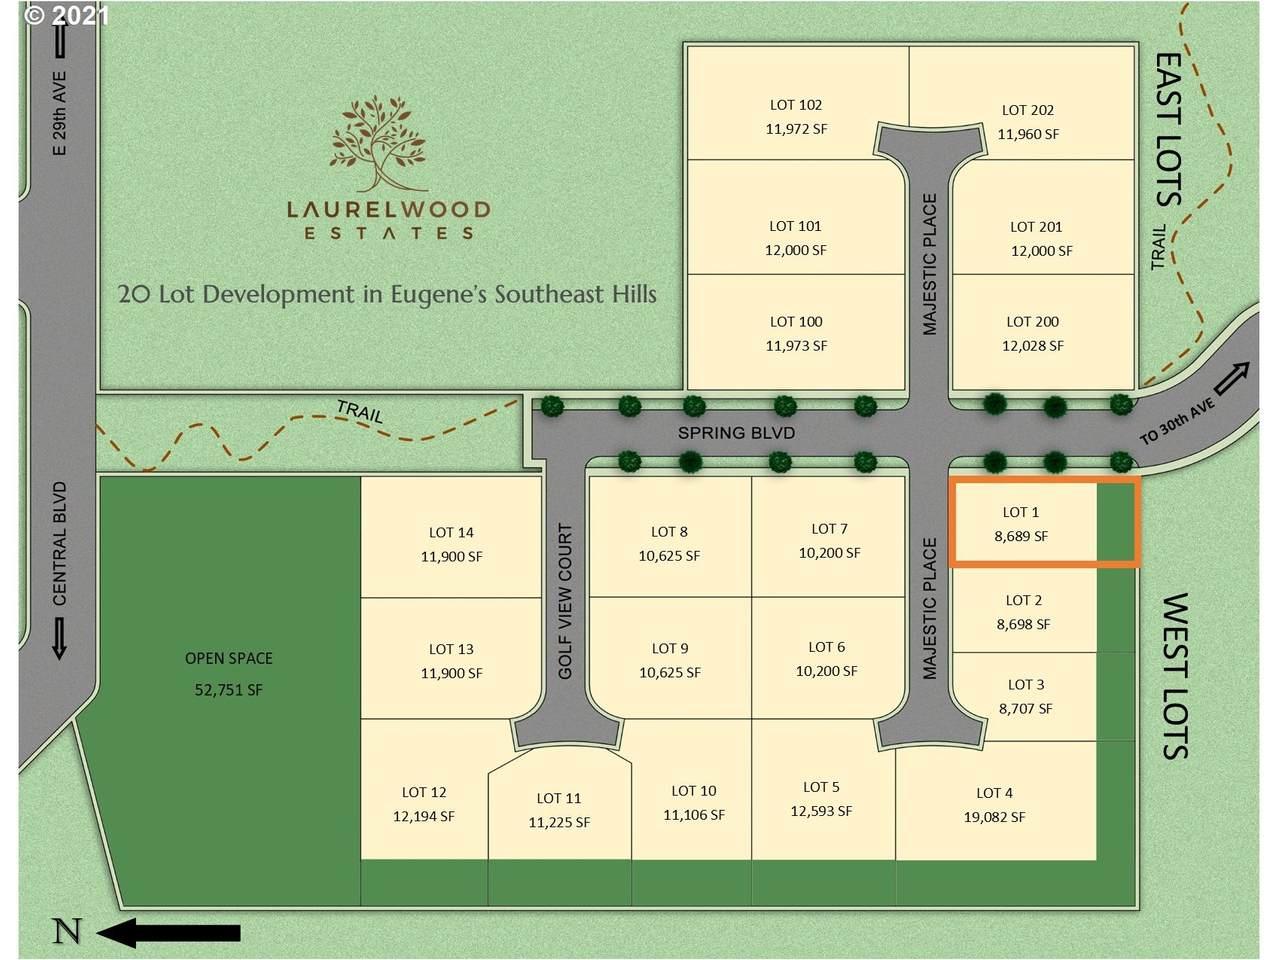 Laurelwood Estates - Photo 1